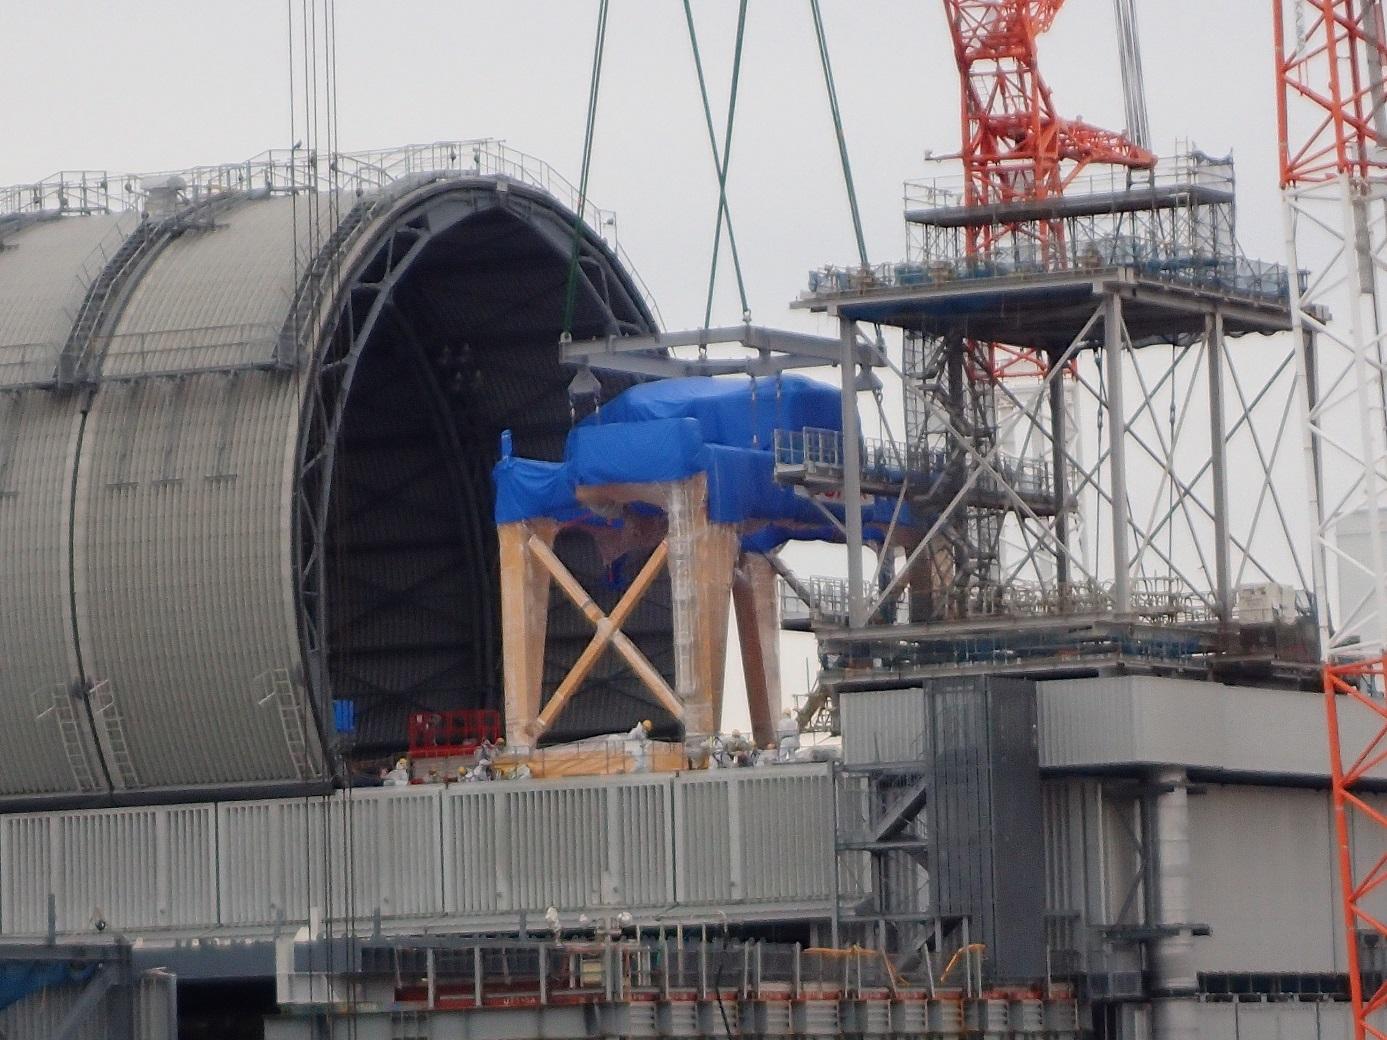 Dopravení části konstrukcí pro manipulaci s palivovými soubory a kontejnery pro ně (zdroj TEPCO).